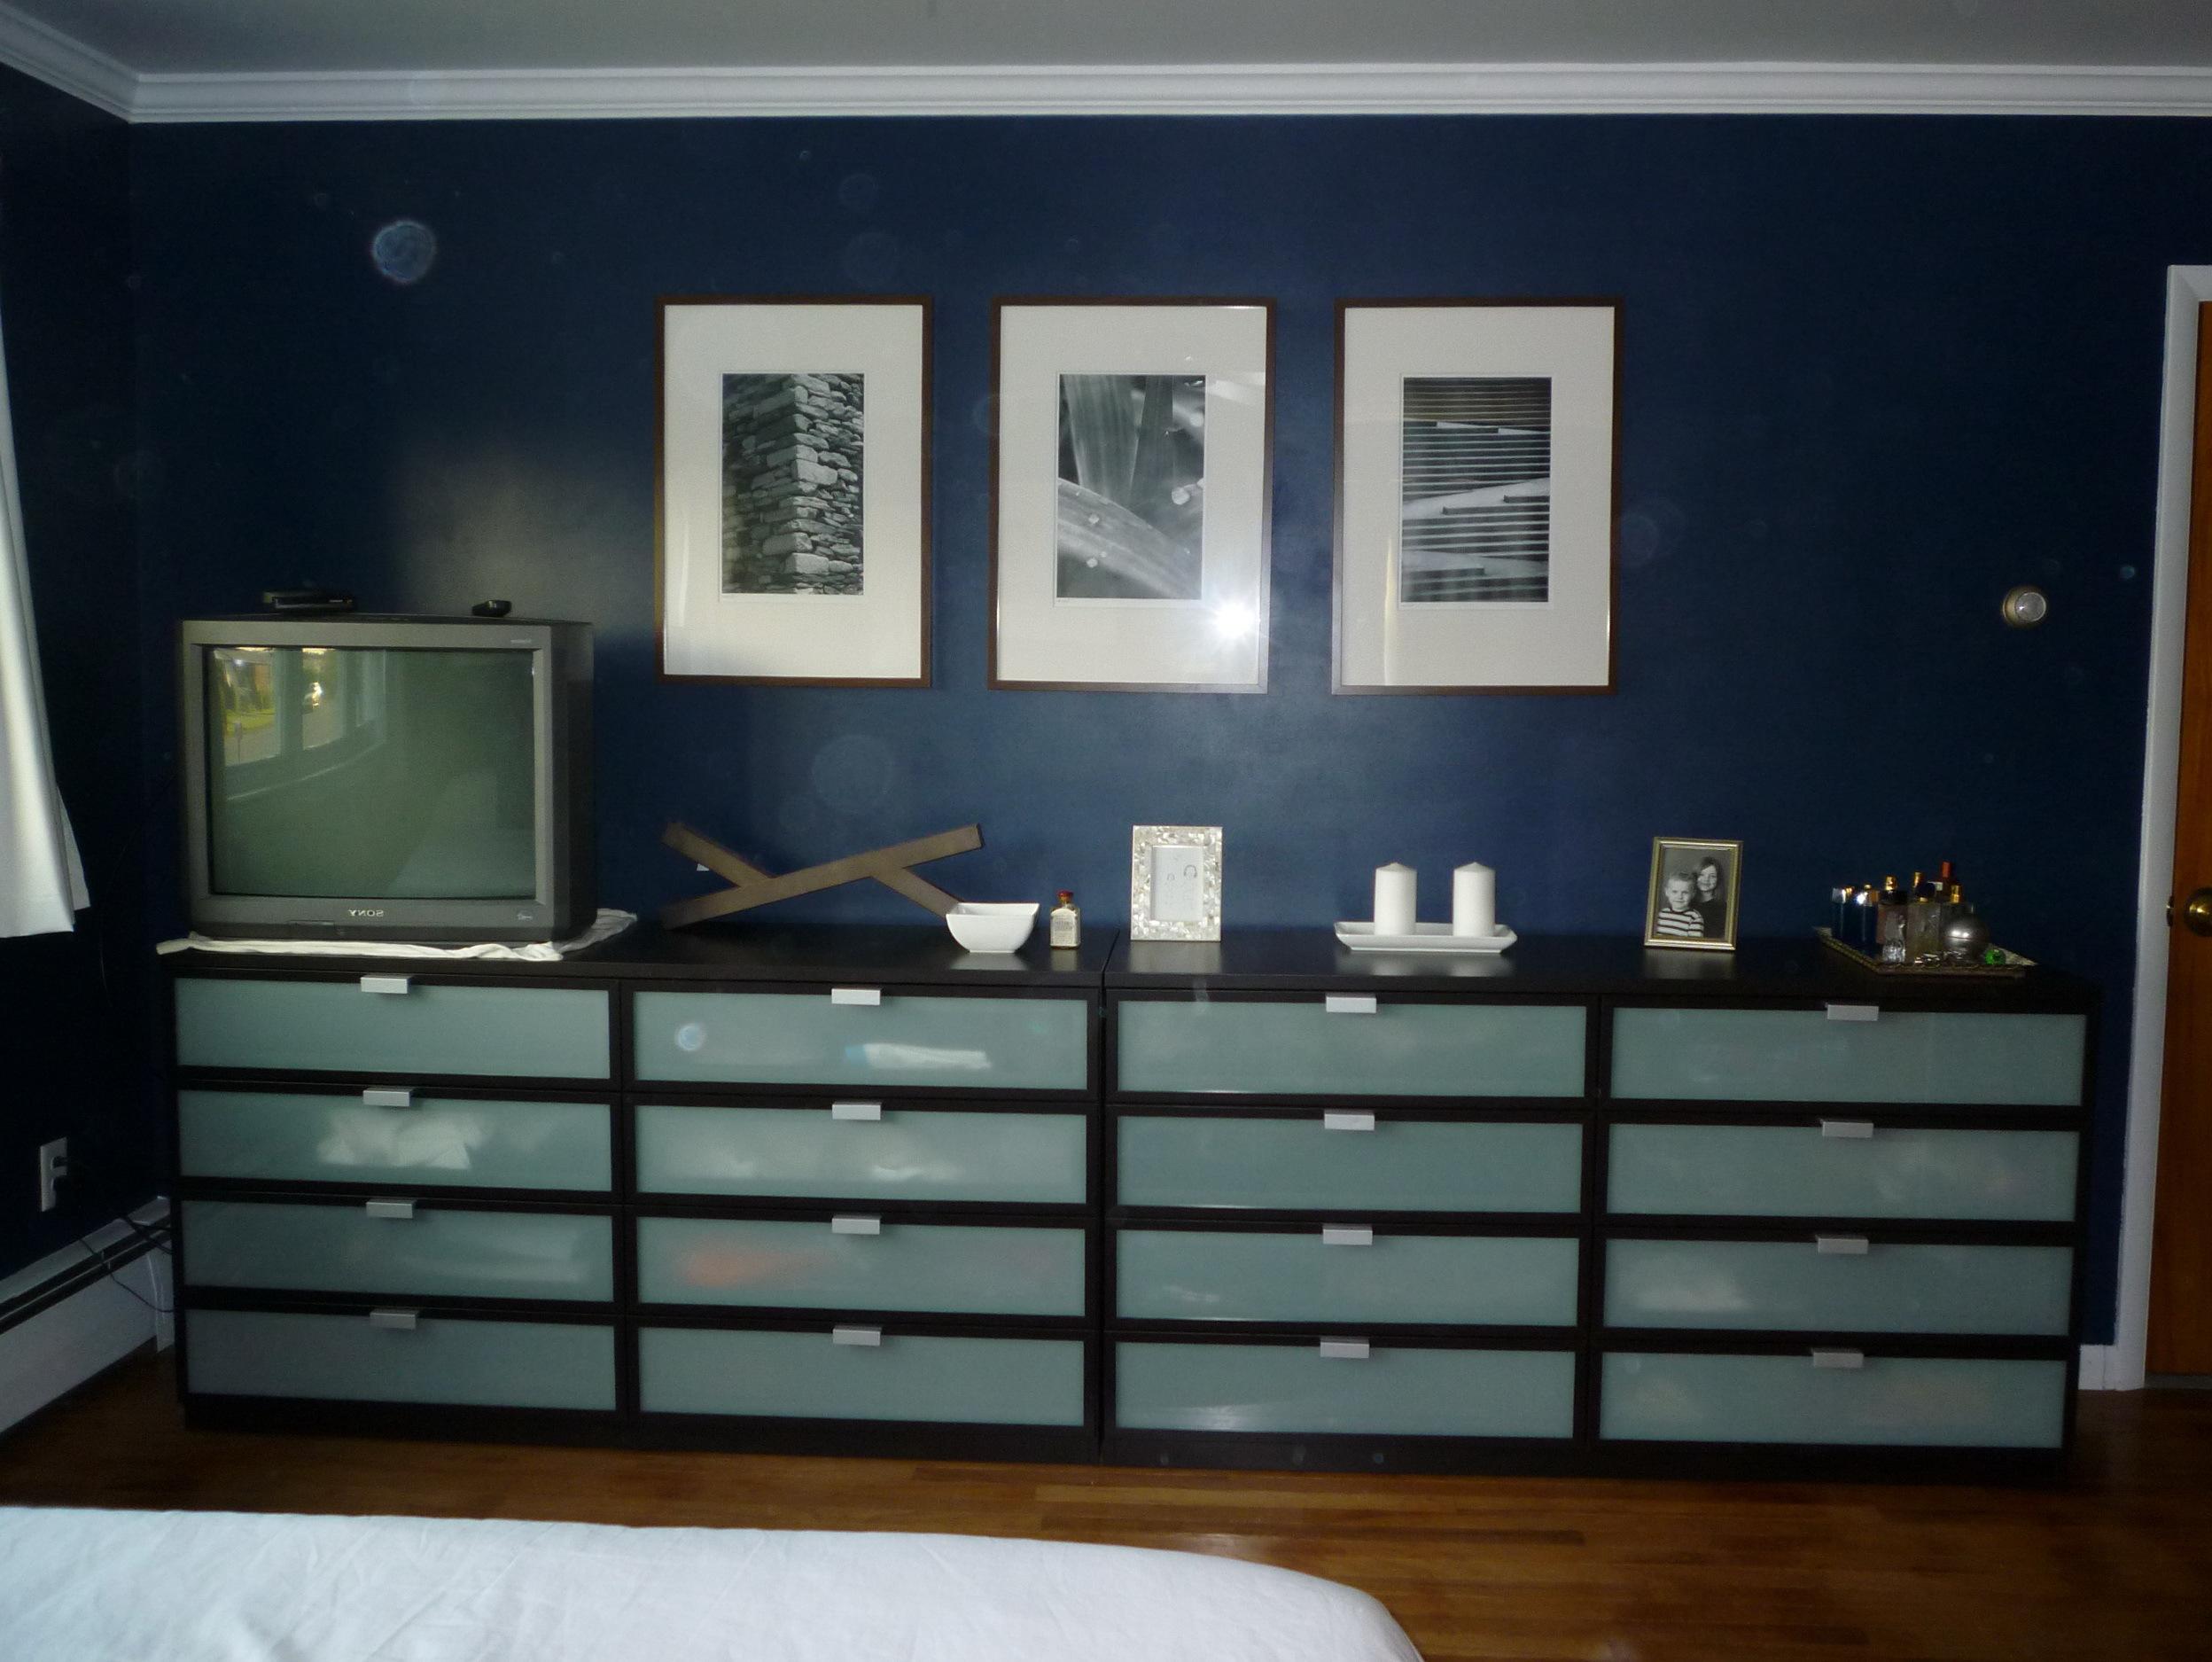 ikea hopen bedroom furniture photo - 1